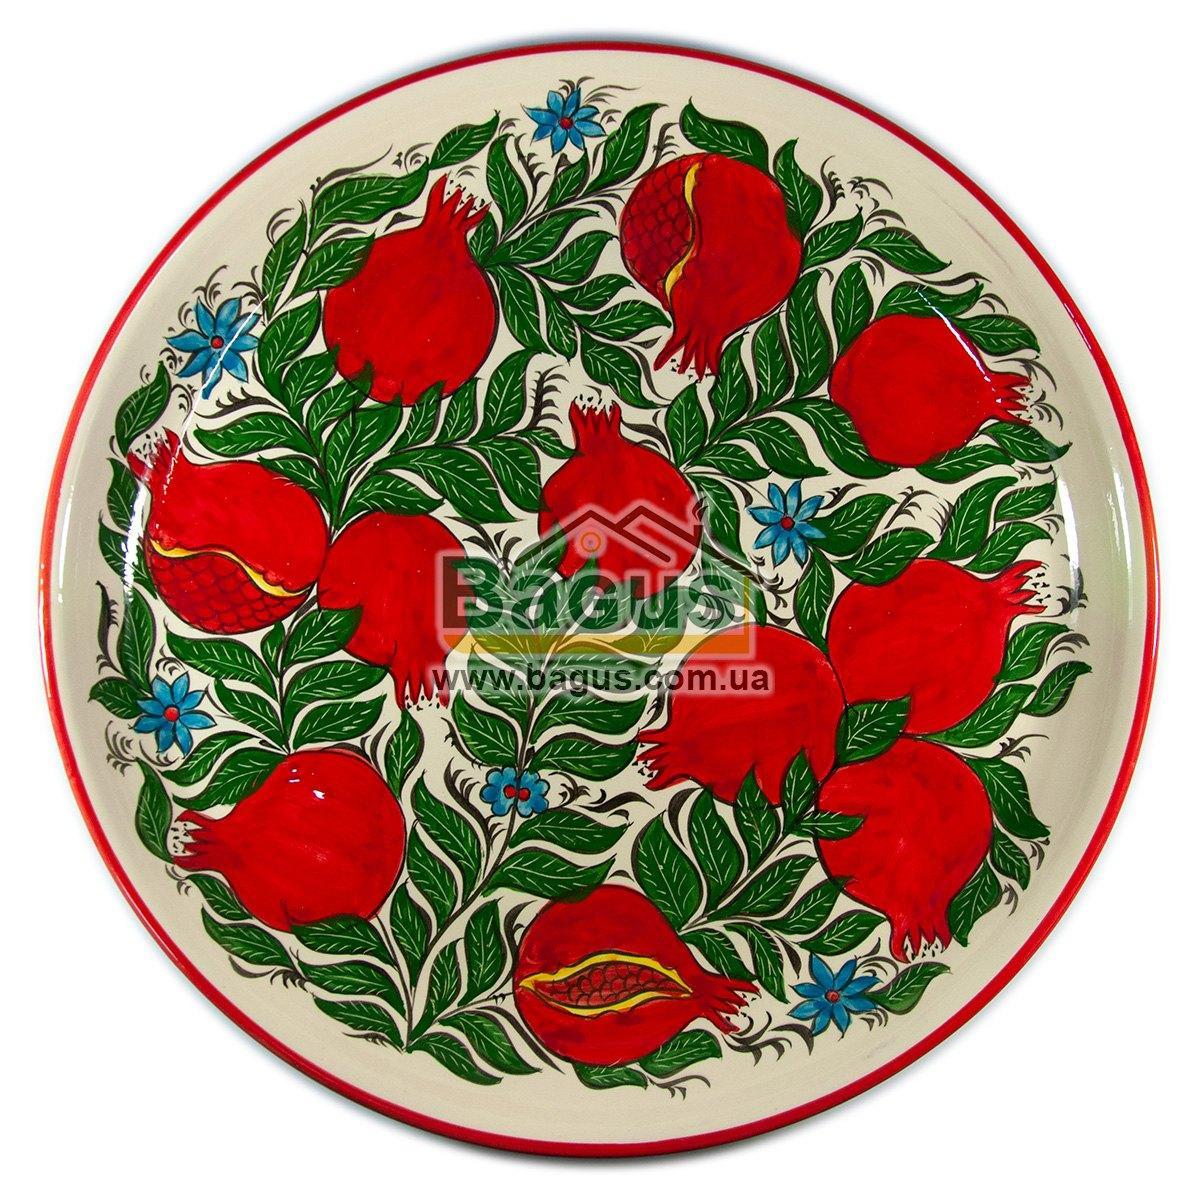 Ляган узбекский (тарелка узбекская) диаметр 45см ручная работа 4505-09